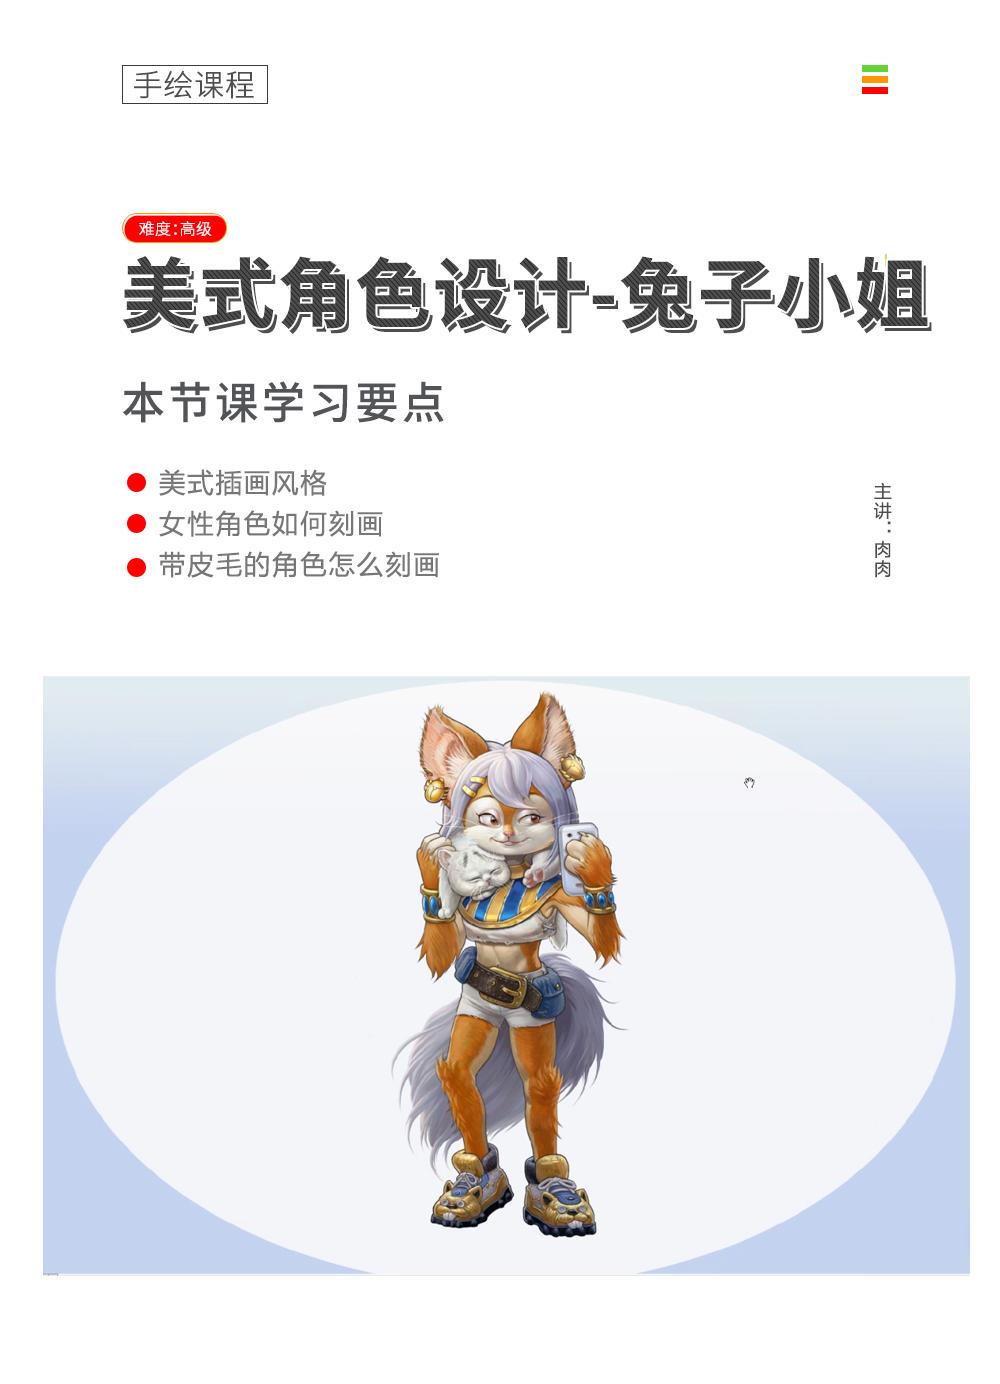 欧美兔小姐课程详情页.jpg/